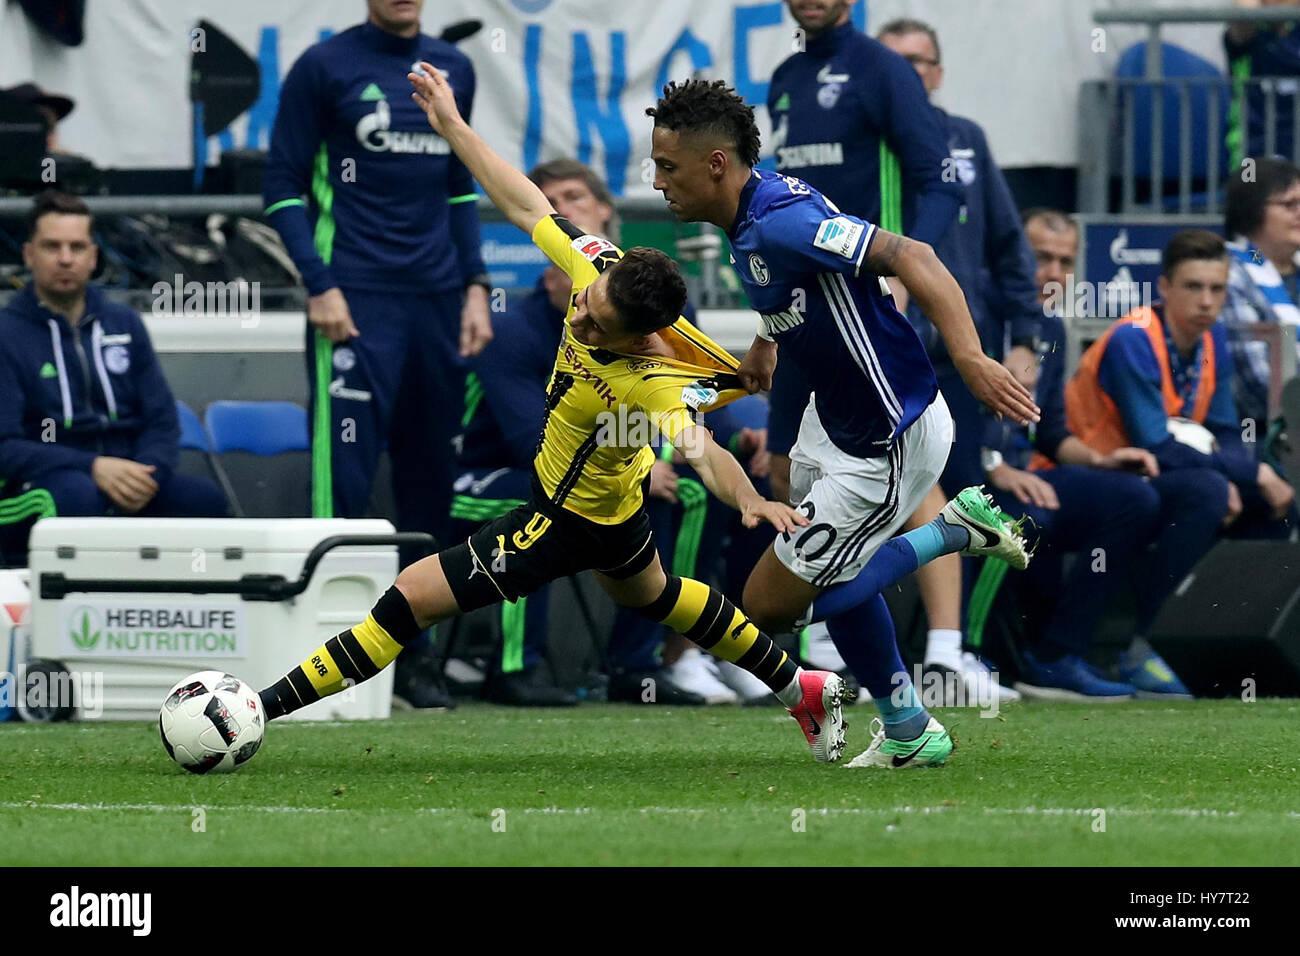 Gelsenkirchen. 1. April 2017. Thilo Kehrer (vorne R) vom FC Schalke 04 wetteifert mit Emre Mor (L) von Borussia Stockfoto